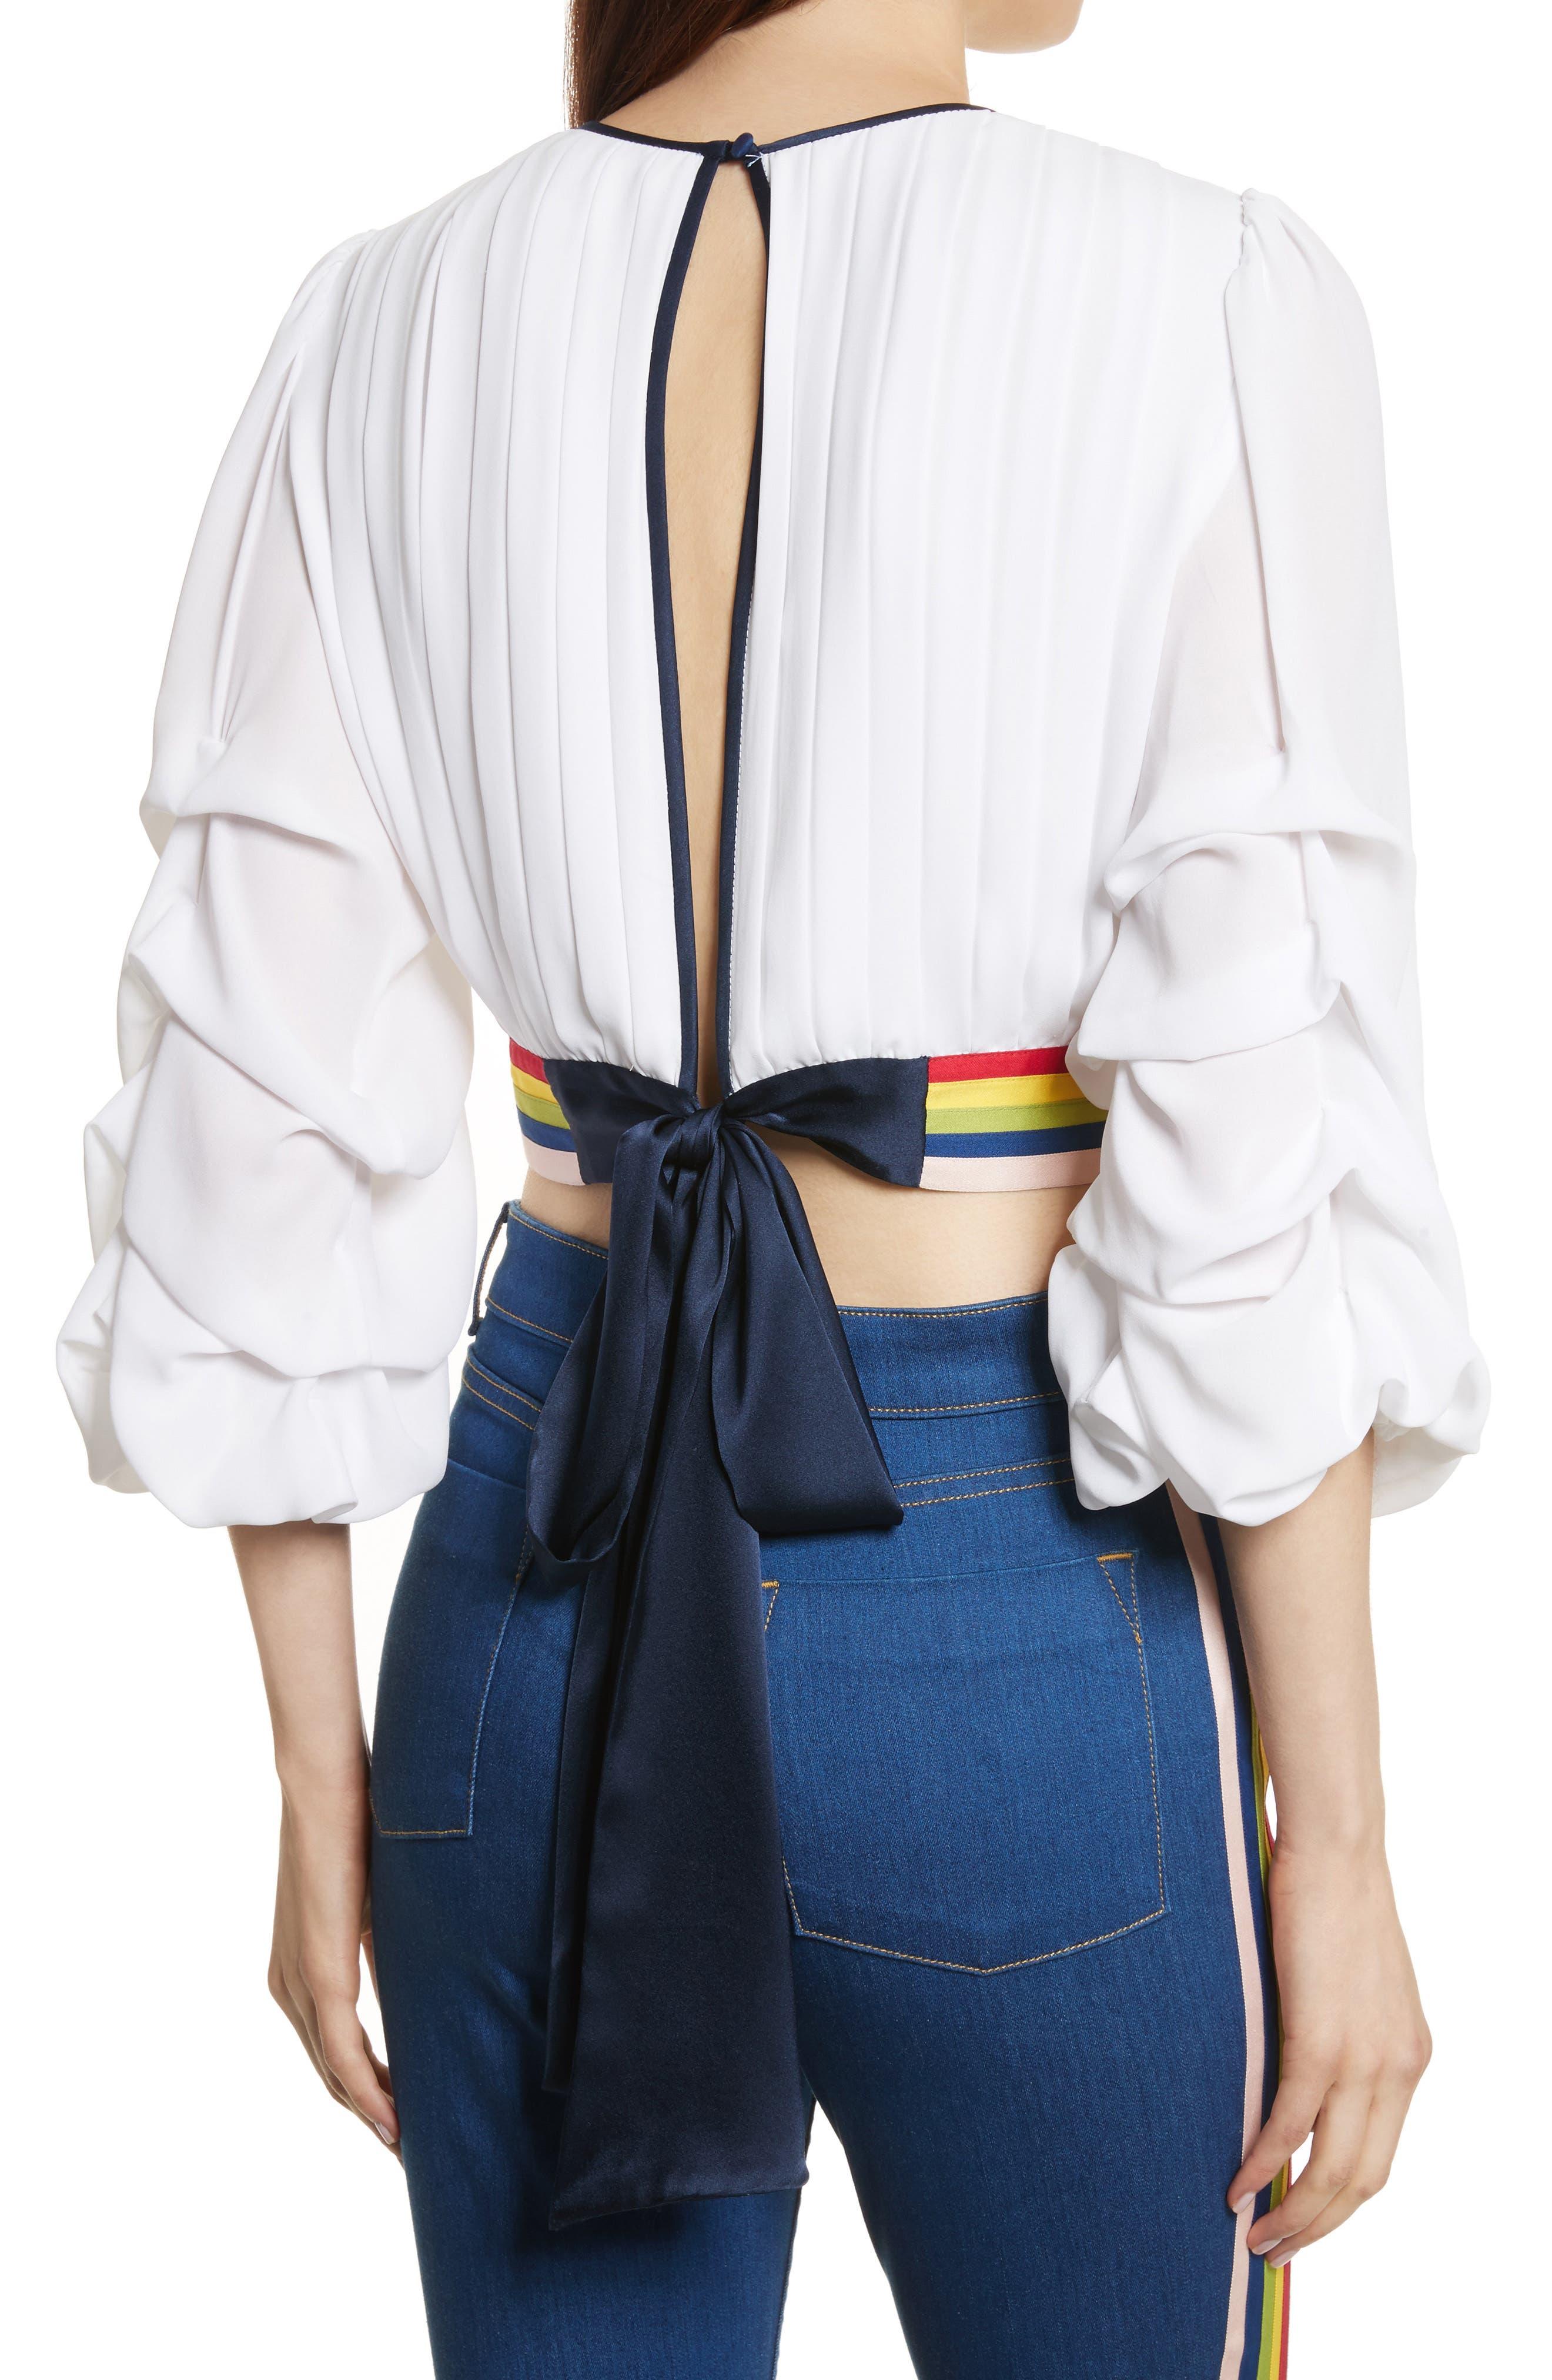 Dakota Tack Sleeve Top,                             Alternate thumbnail 2, color,                             White/ Multi